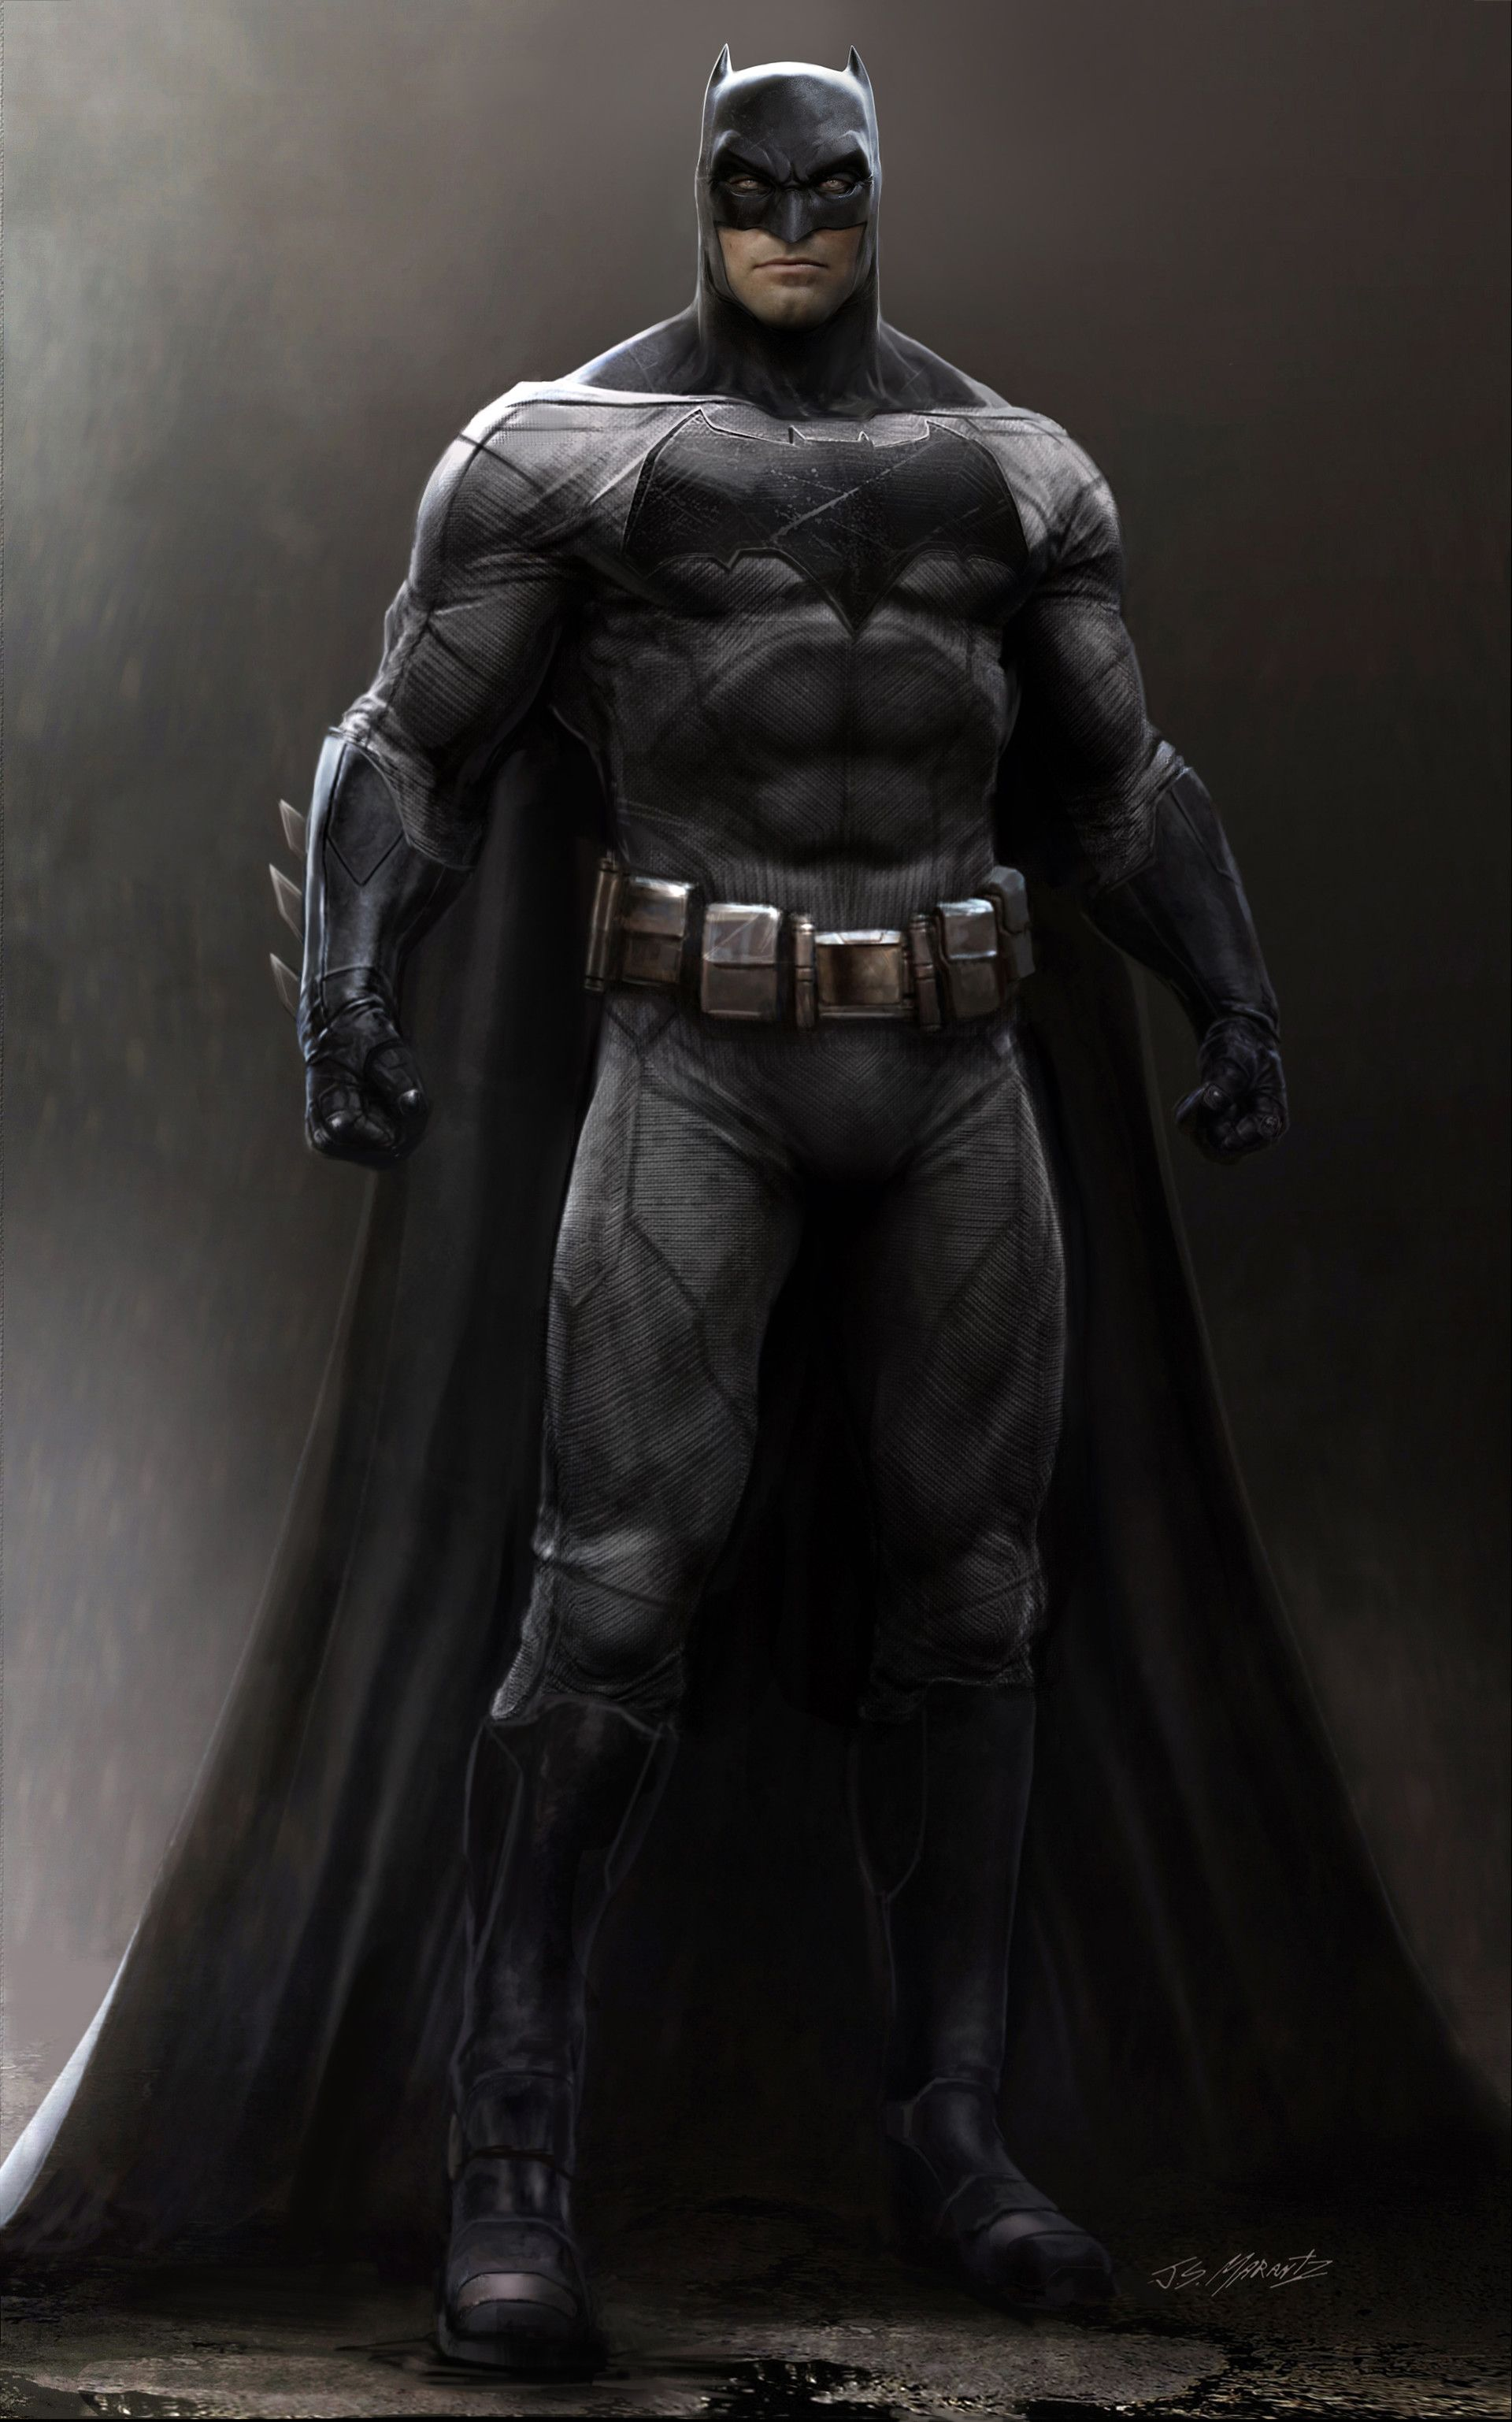 Unique Batman Vs Superman Bedroom Ideas That Rock: Batman Vs. Superman: Batman Concept Costume Illustration